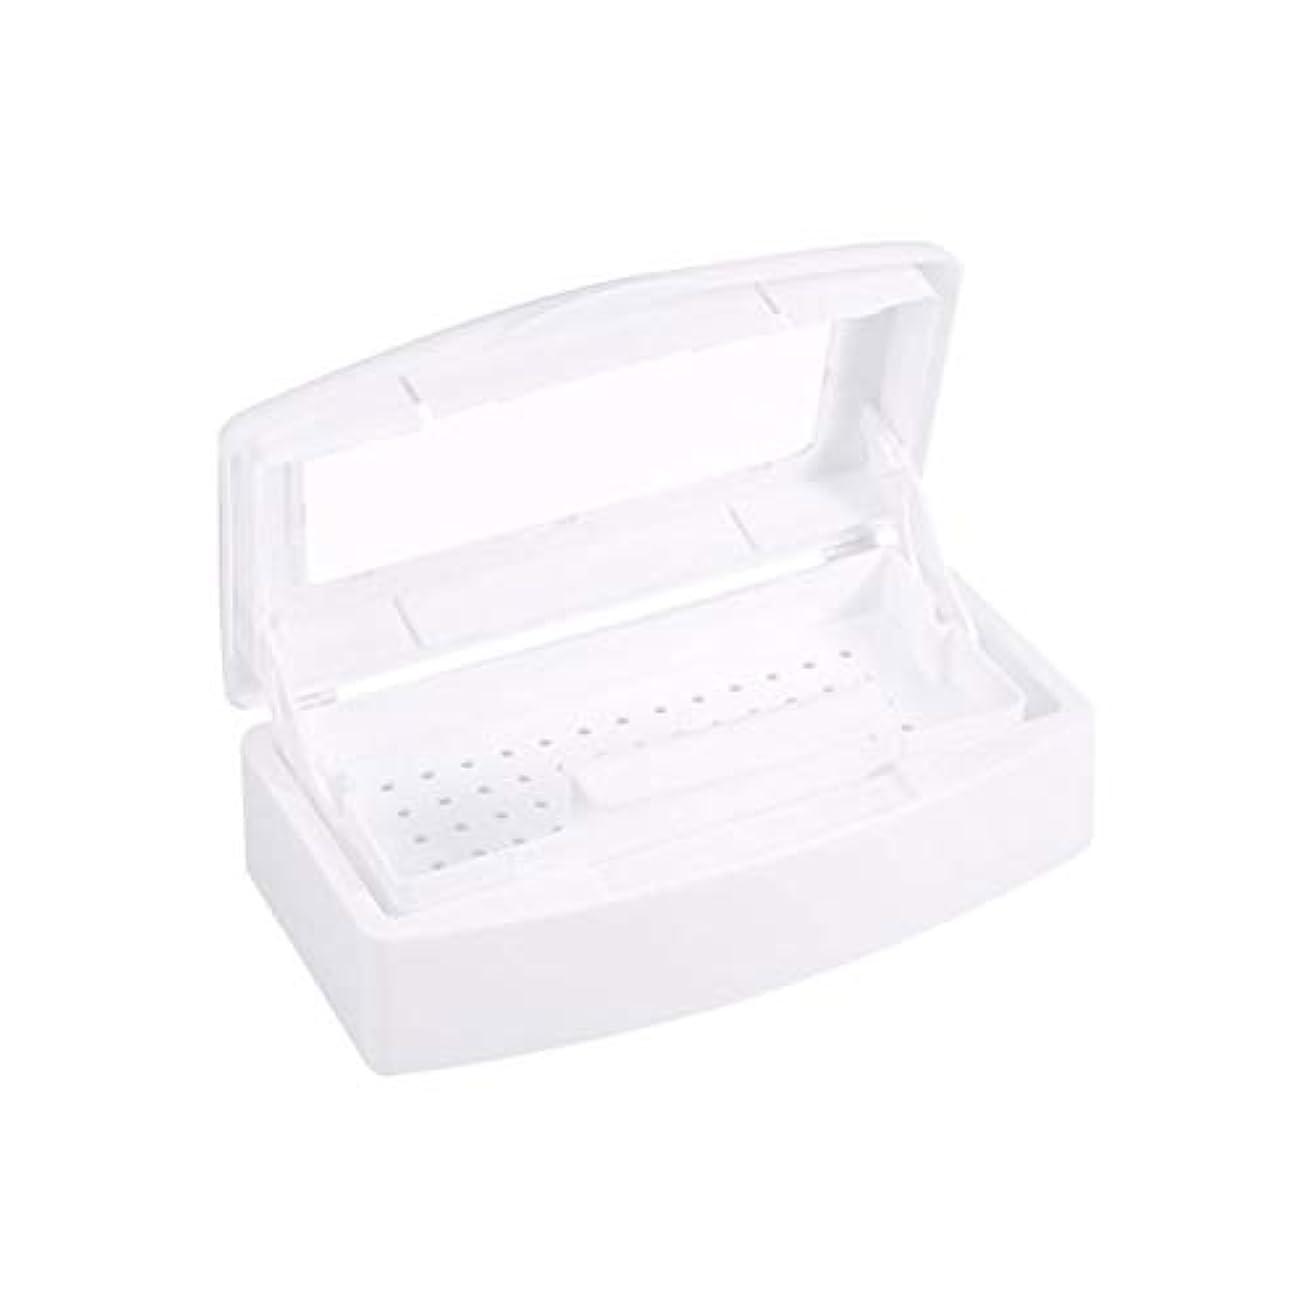 教育学通り抜けるアーチ殺菌消毒ペディキュアネイルネイルを殺菌ネイル清掃用具の収納ボックス